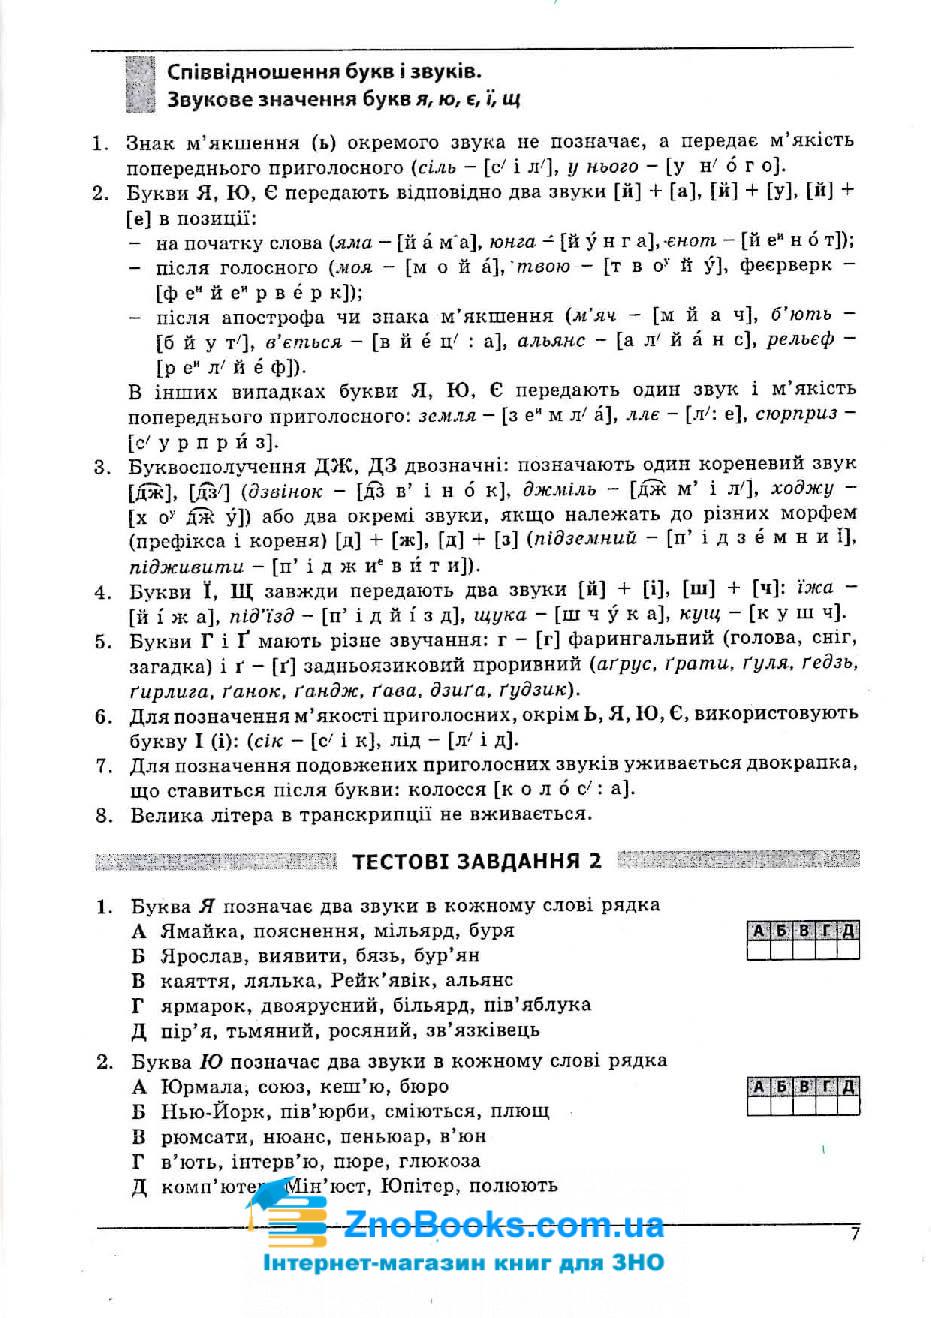 Українська мова та література ЗНО 2020. Довідник + тести : Куриліна О. Абетка. купити 7